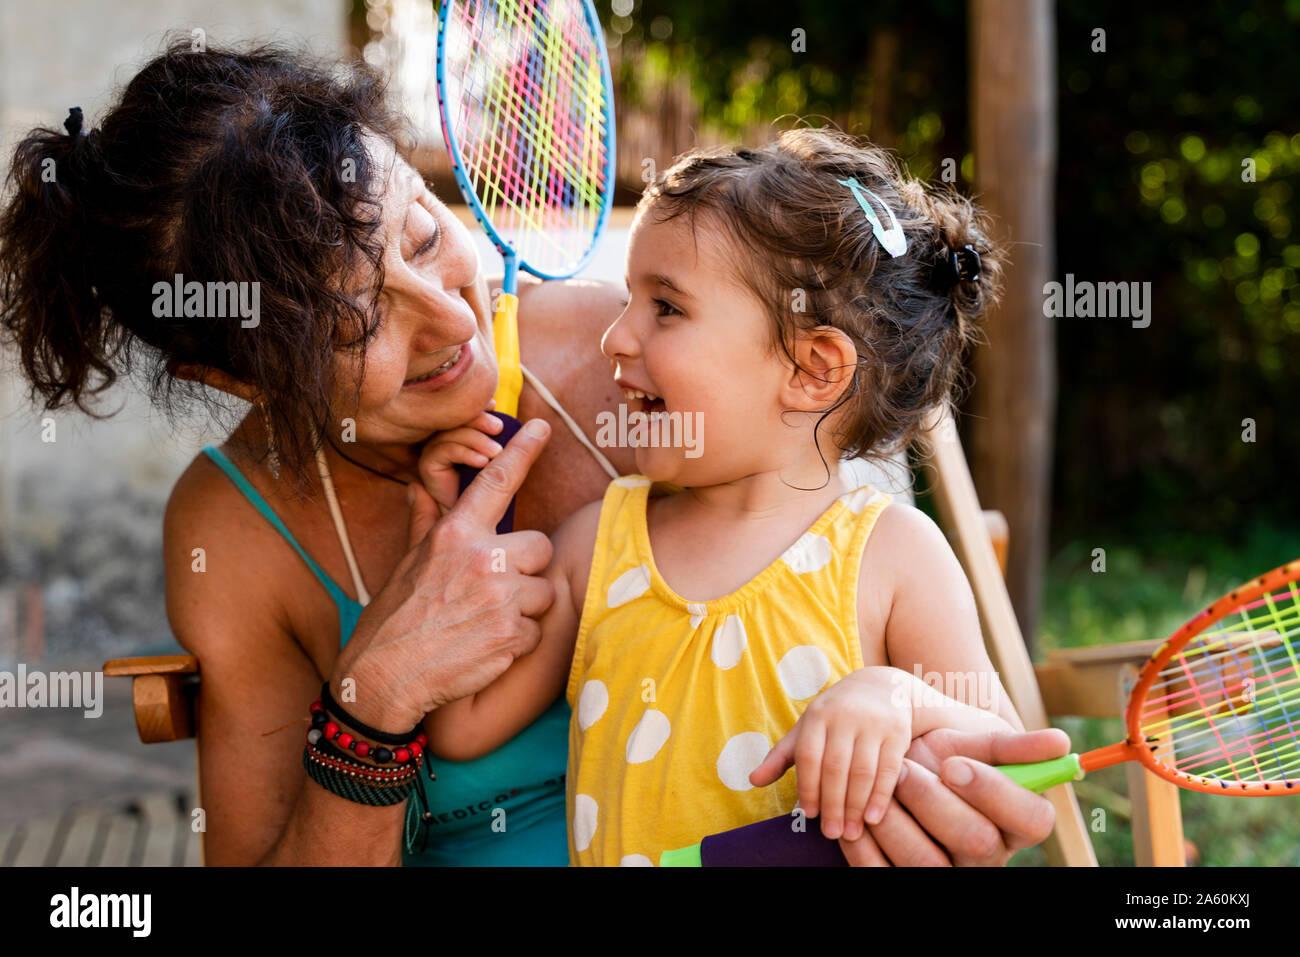 Grand-mère jouant avec petite fille et raquettes de badminton en plein air Banque D'Images